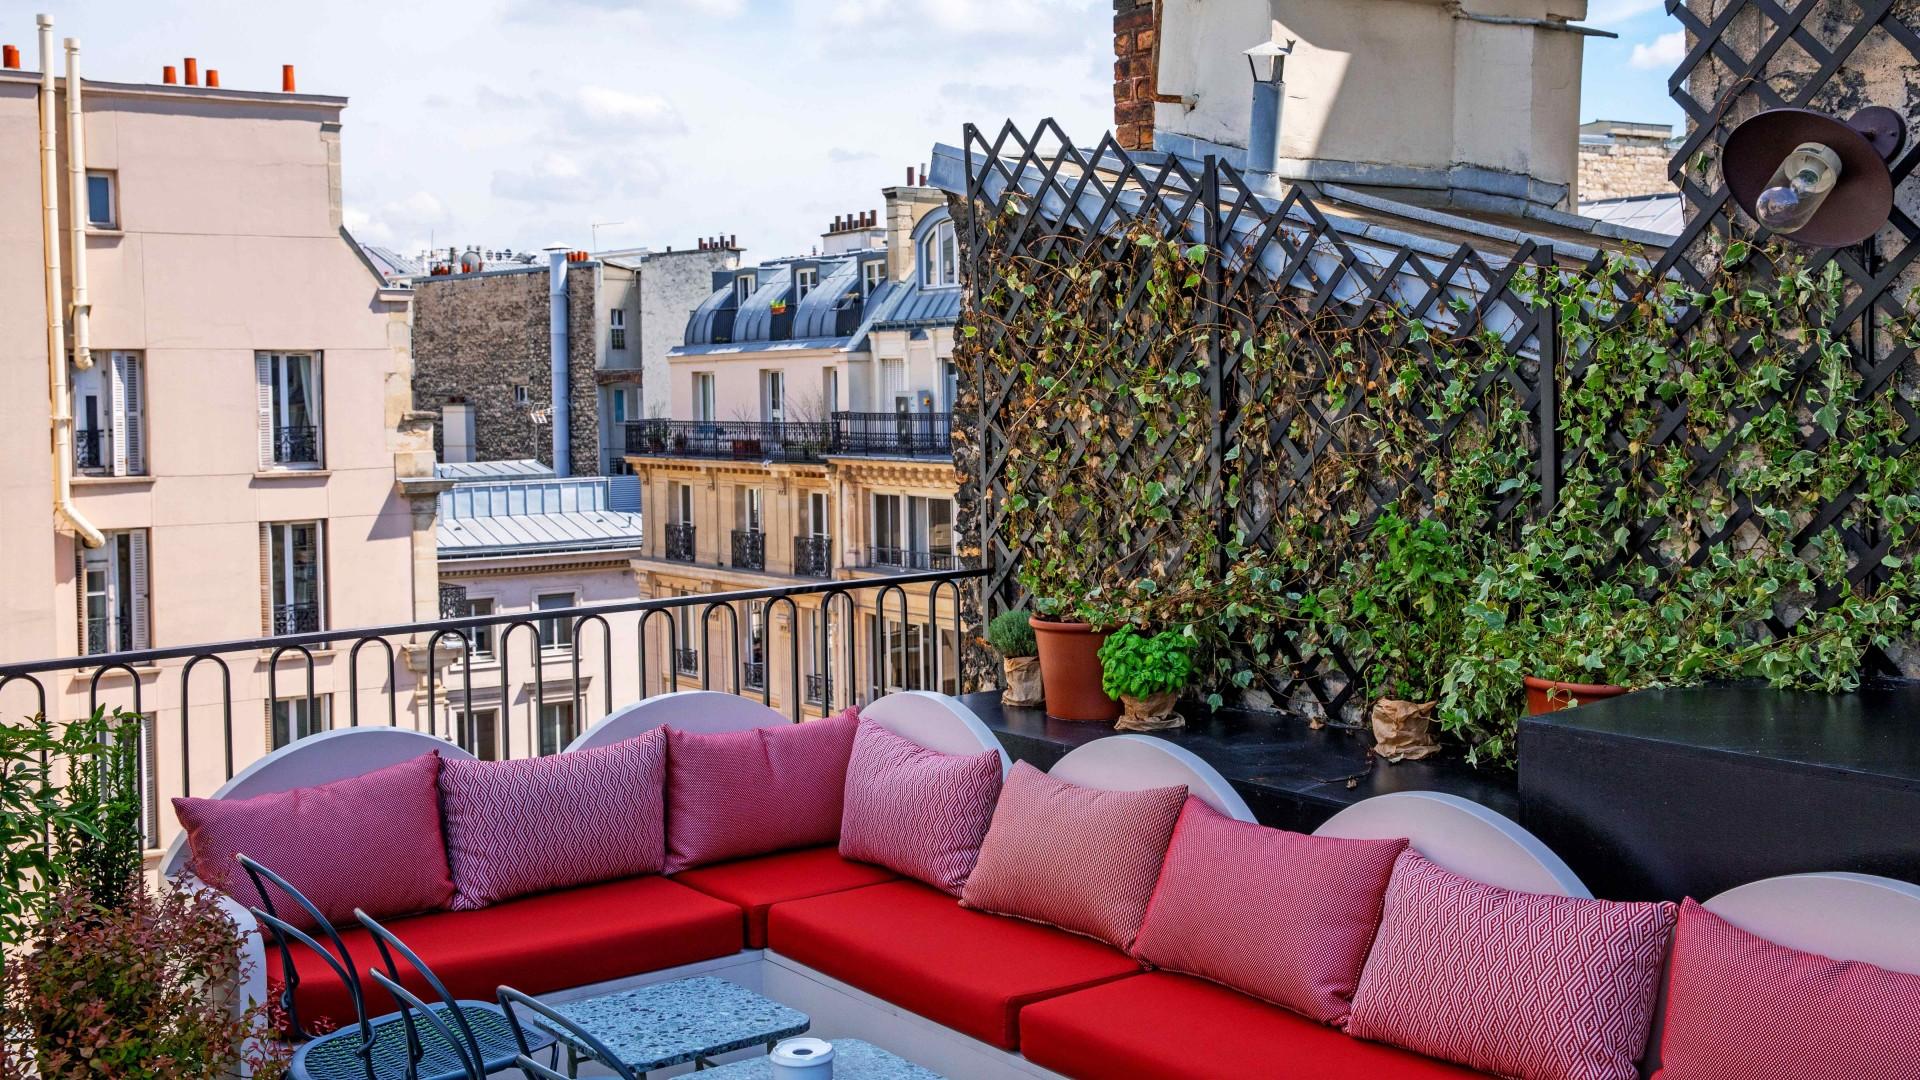 Sentier, Paris: The outdoor terrace at Hotels Des Grands Boulevards